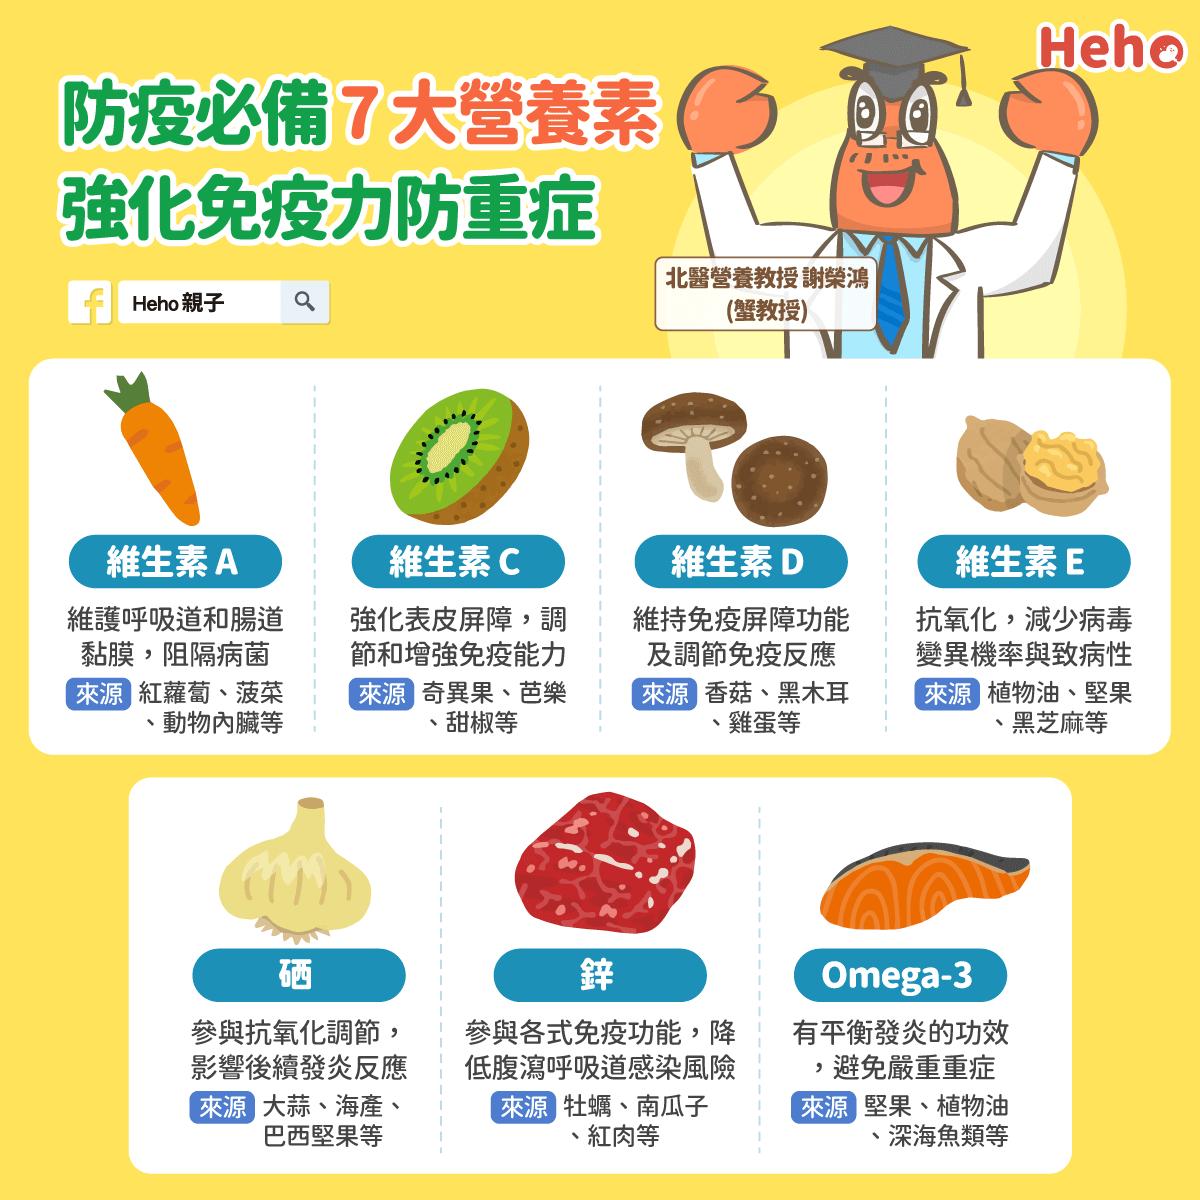 20210627_圖解_防疫-營養素-強化免疫力-蟹教授-謝教授